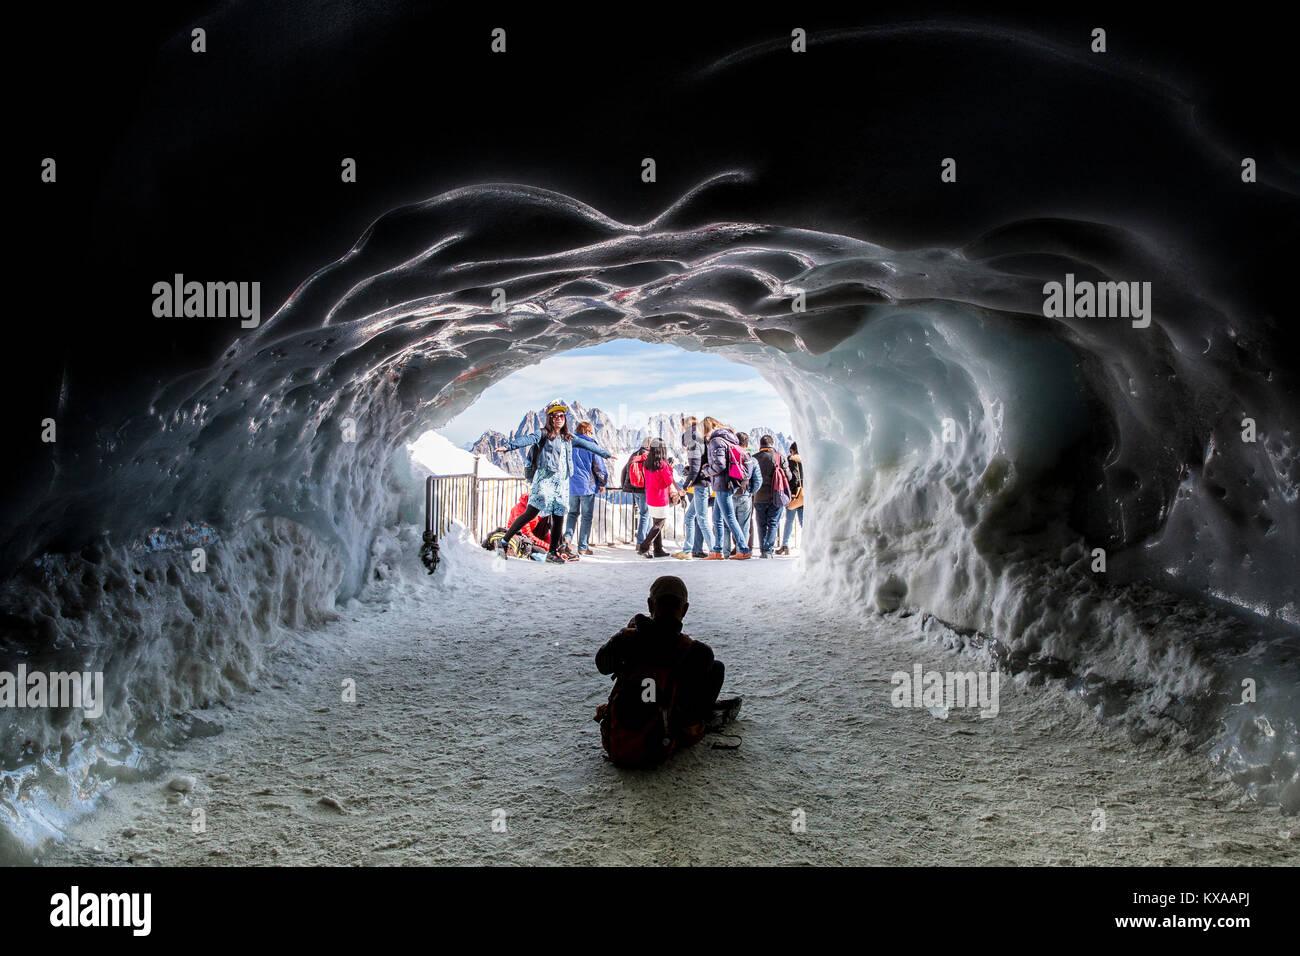 Les touristes qui pose pour photo en face de l'entrée de style grotte de glace, Chamonix Mont Blanc, Haute Savoie, France Banque D'Images